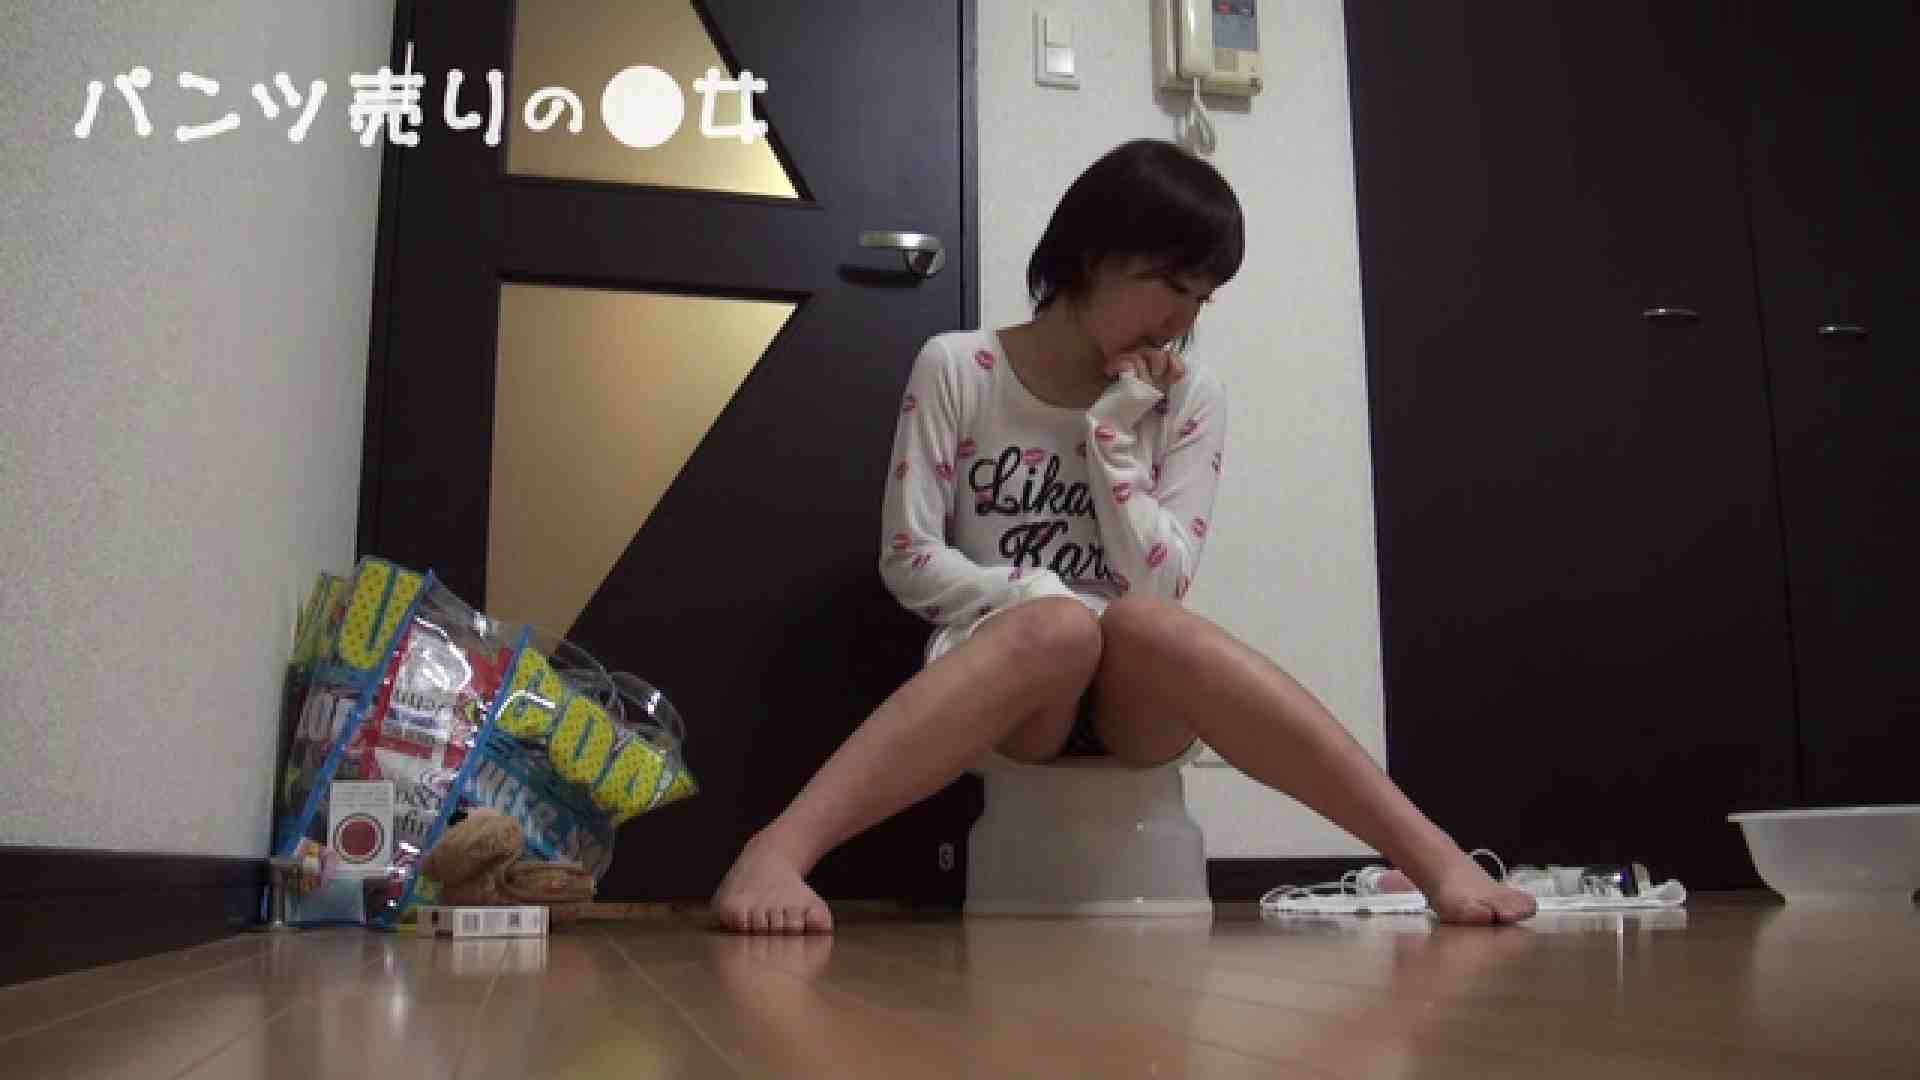 新説 パンツ売りの女の子nana 一般投稿  41連発 27